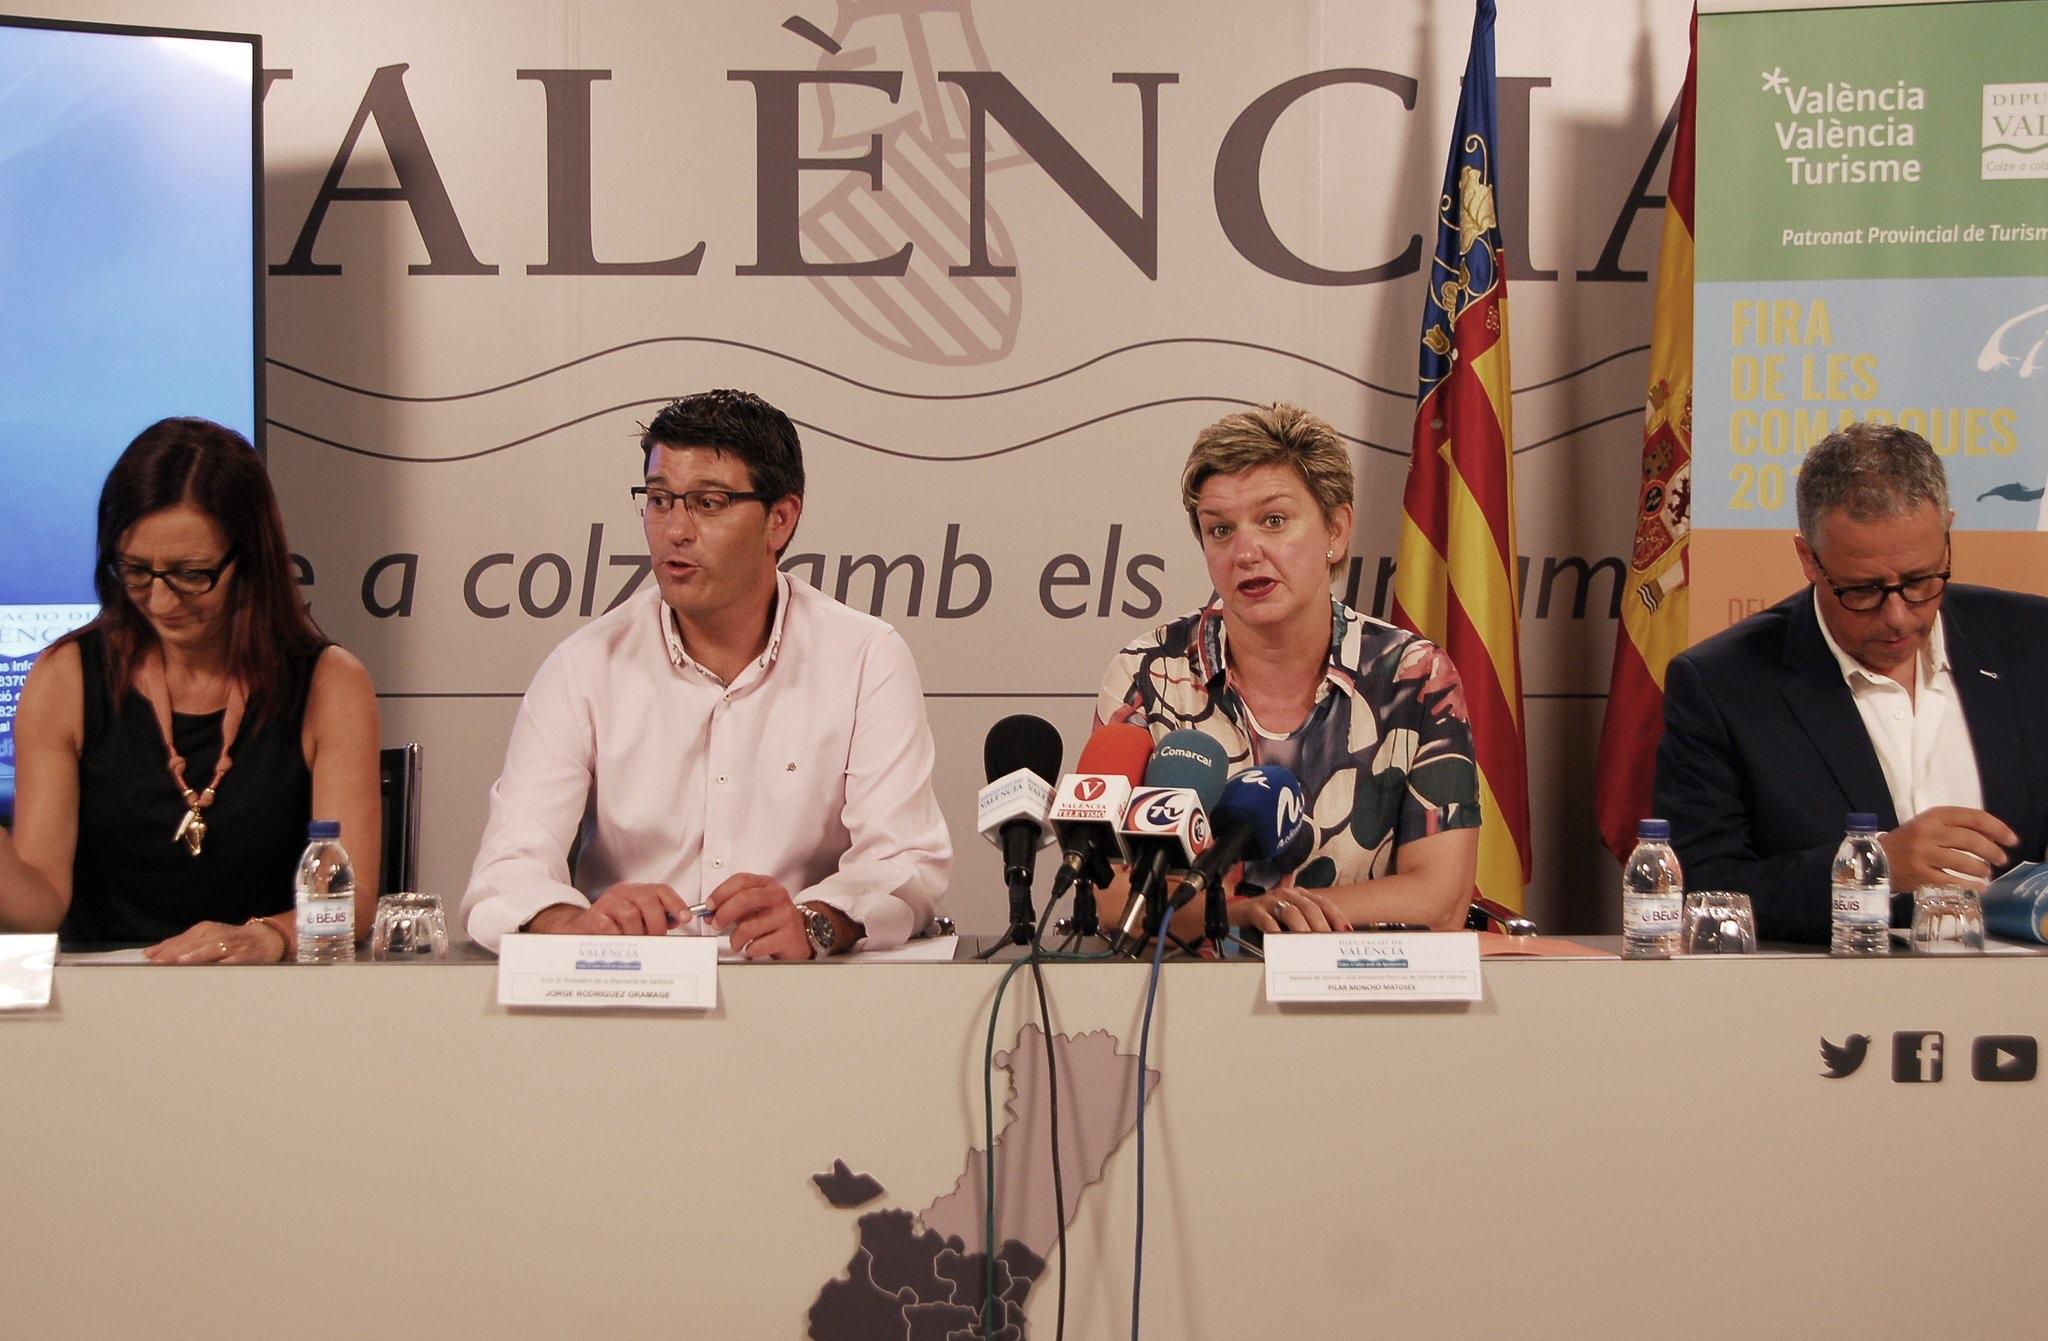 El verano llega este año a València con la Fira de les Comarques del Patronat de Turisme de València, que este martes ha sido presentada en rueda de prensa en la Diputación de Valencia.